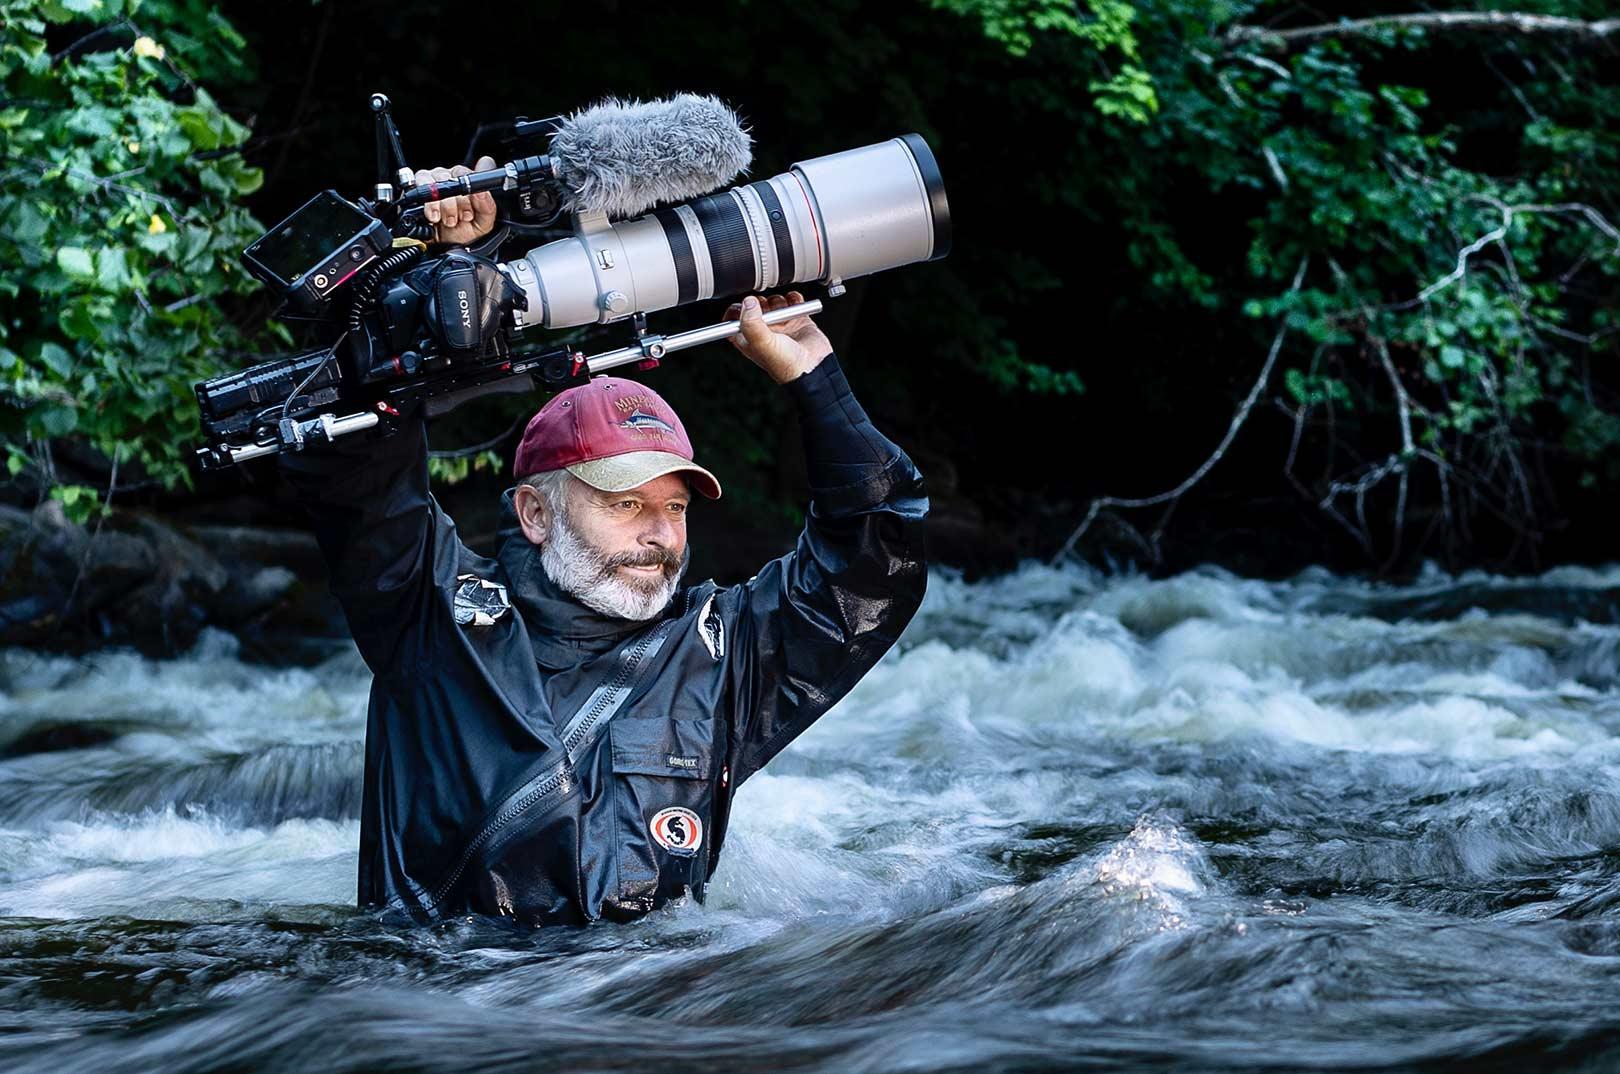 """Du kan roligt glæde dig til den nye svenske TV-film """"Fiskarnas Rike"""" som er filmet af Martin Falklind, som her er godt i gang med det hårde arbejde for at producere de mange unikke filmklip, du kommer til at se."""